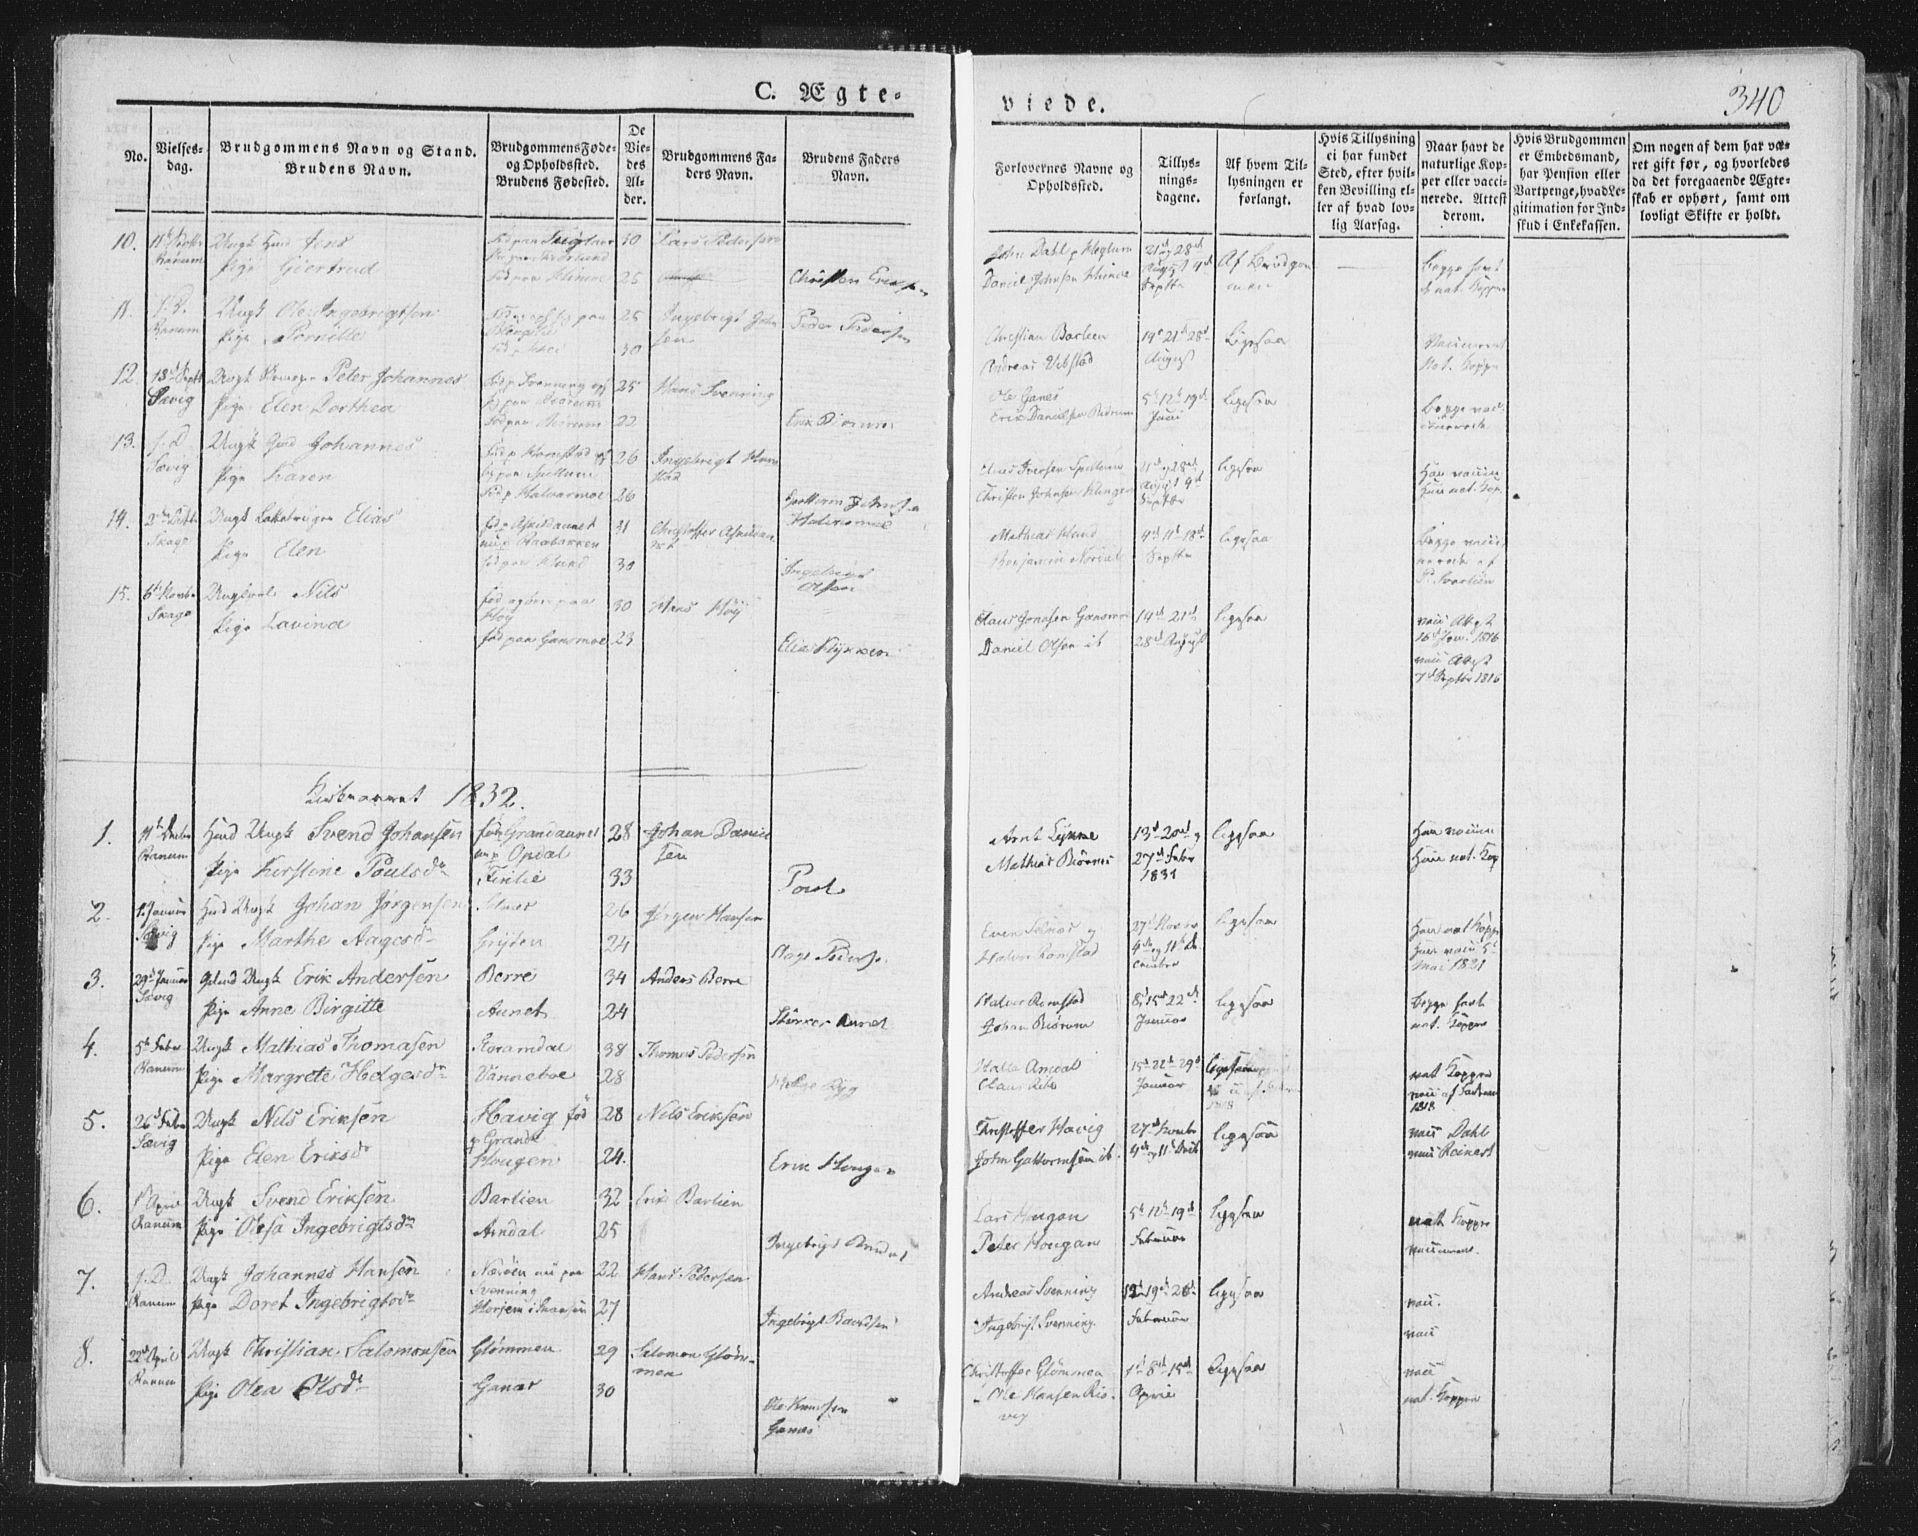 SAT, Ministerialprotokoller, klokkerbøker og fødselsregistre - Nord-Trøndelag, 764/L0552: Ministerialbok nr. 764A07b, 1824-1865, s. 340